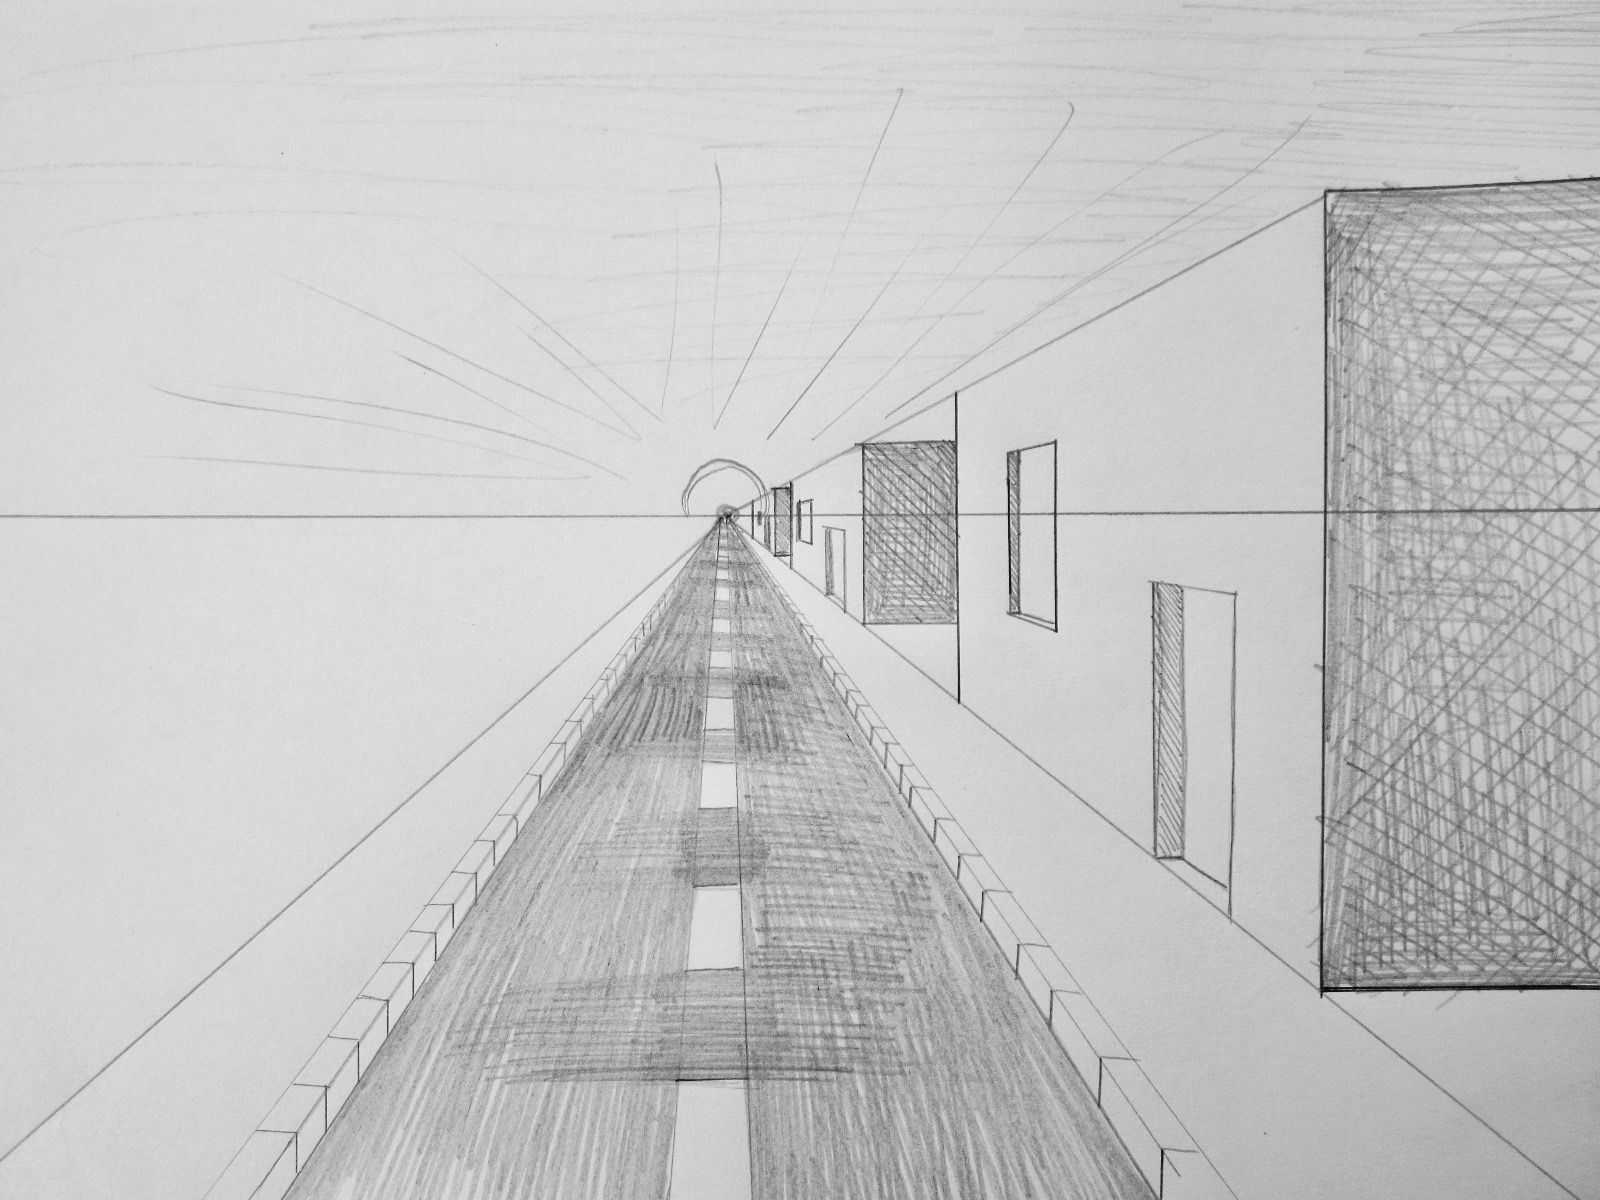 Fluchtpunktperspektive Mit Einem Punkt Stra E Zum